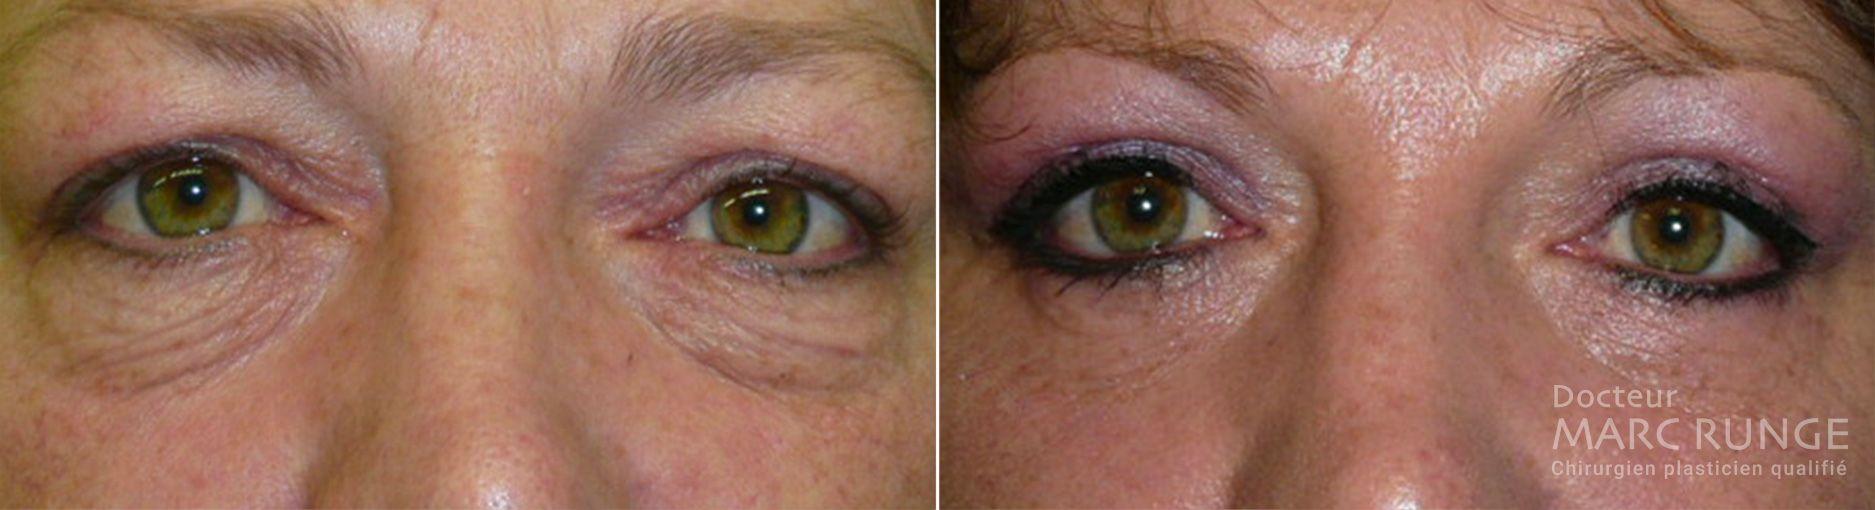 Photo de la paupière avant et après l'opération, réalisée par Dr Runge, médecin et chirurgien esthétique à Paris et Beauvais (Oise)